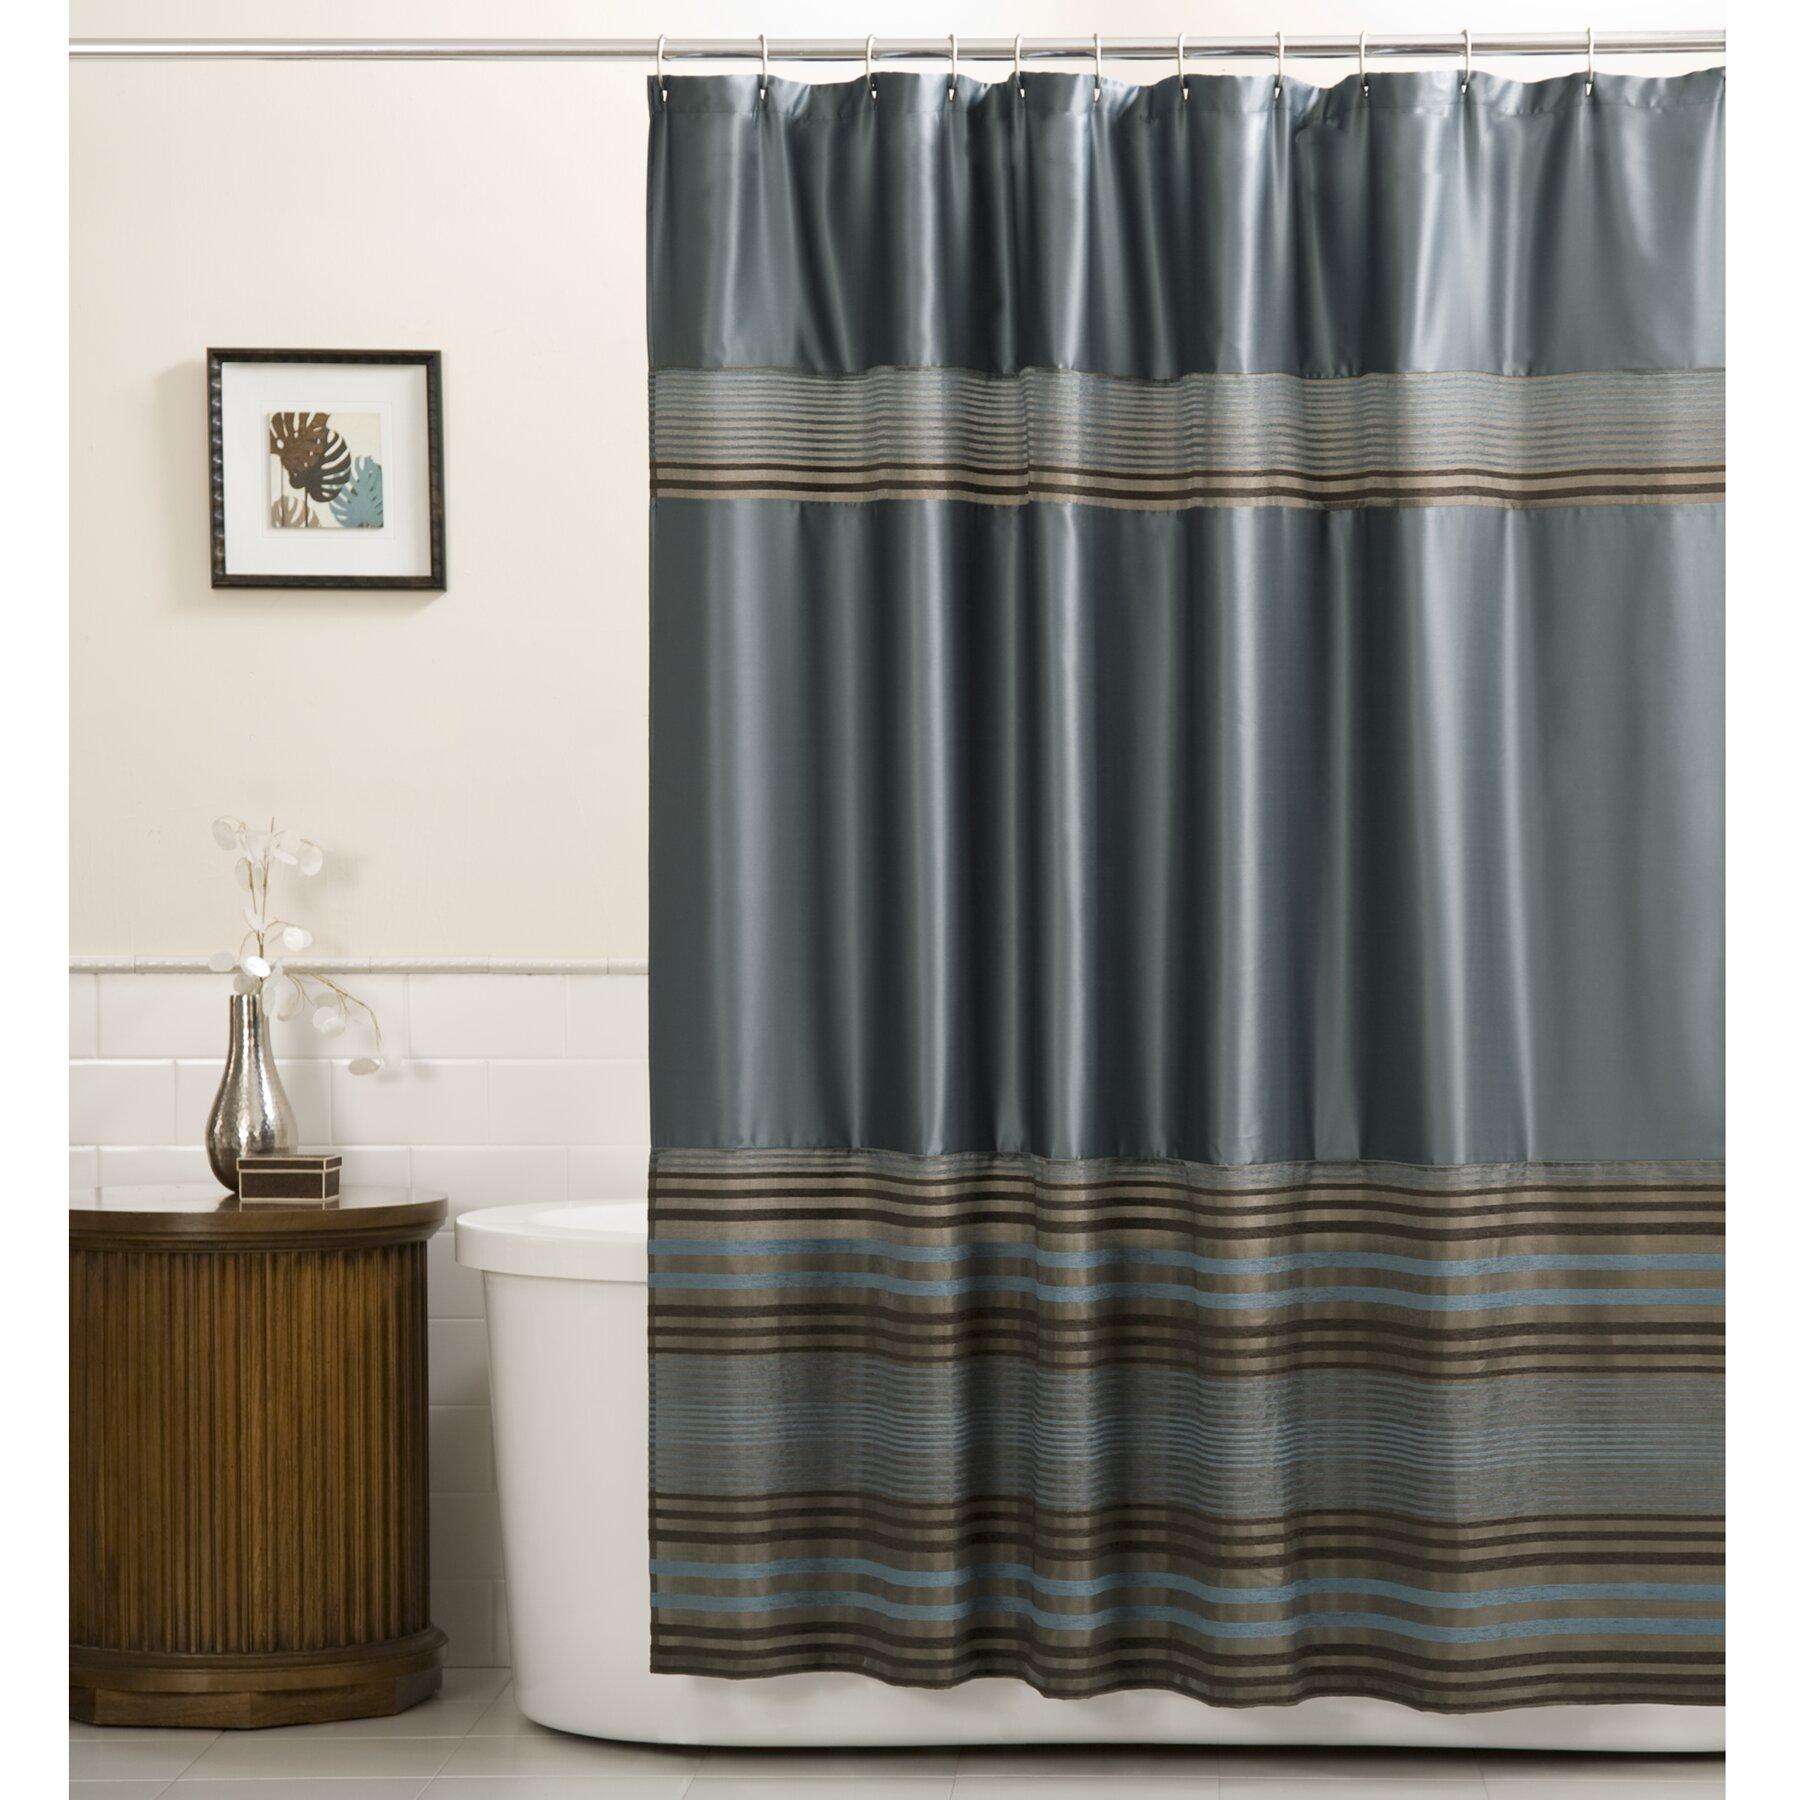 Camborne Striped Chenille Single Shower Curtain